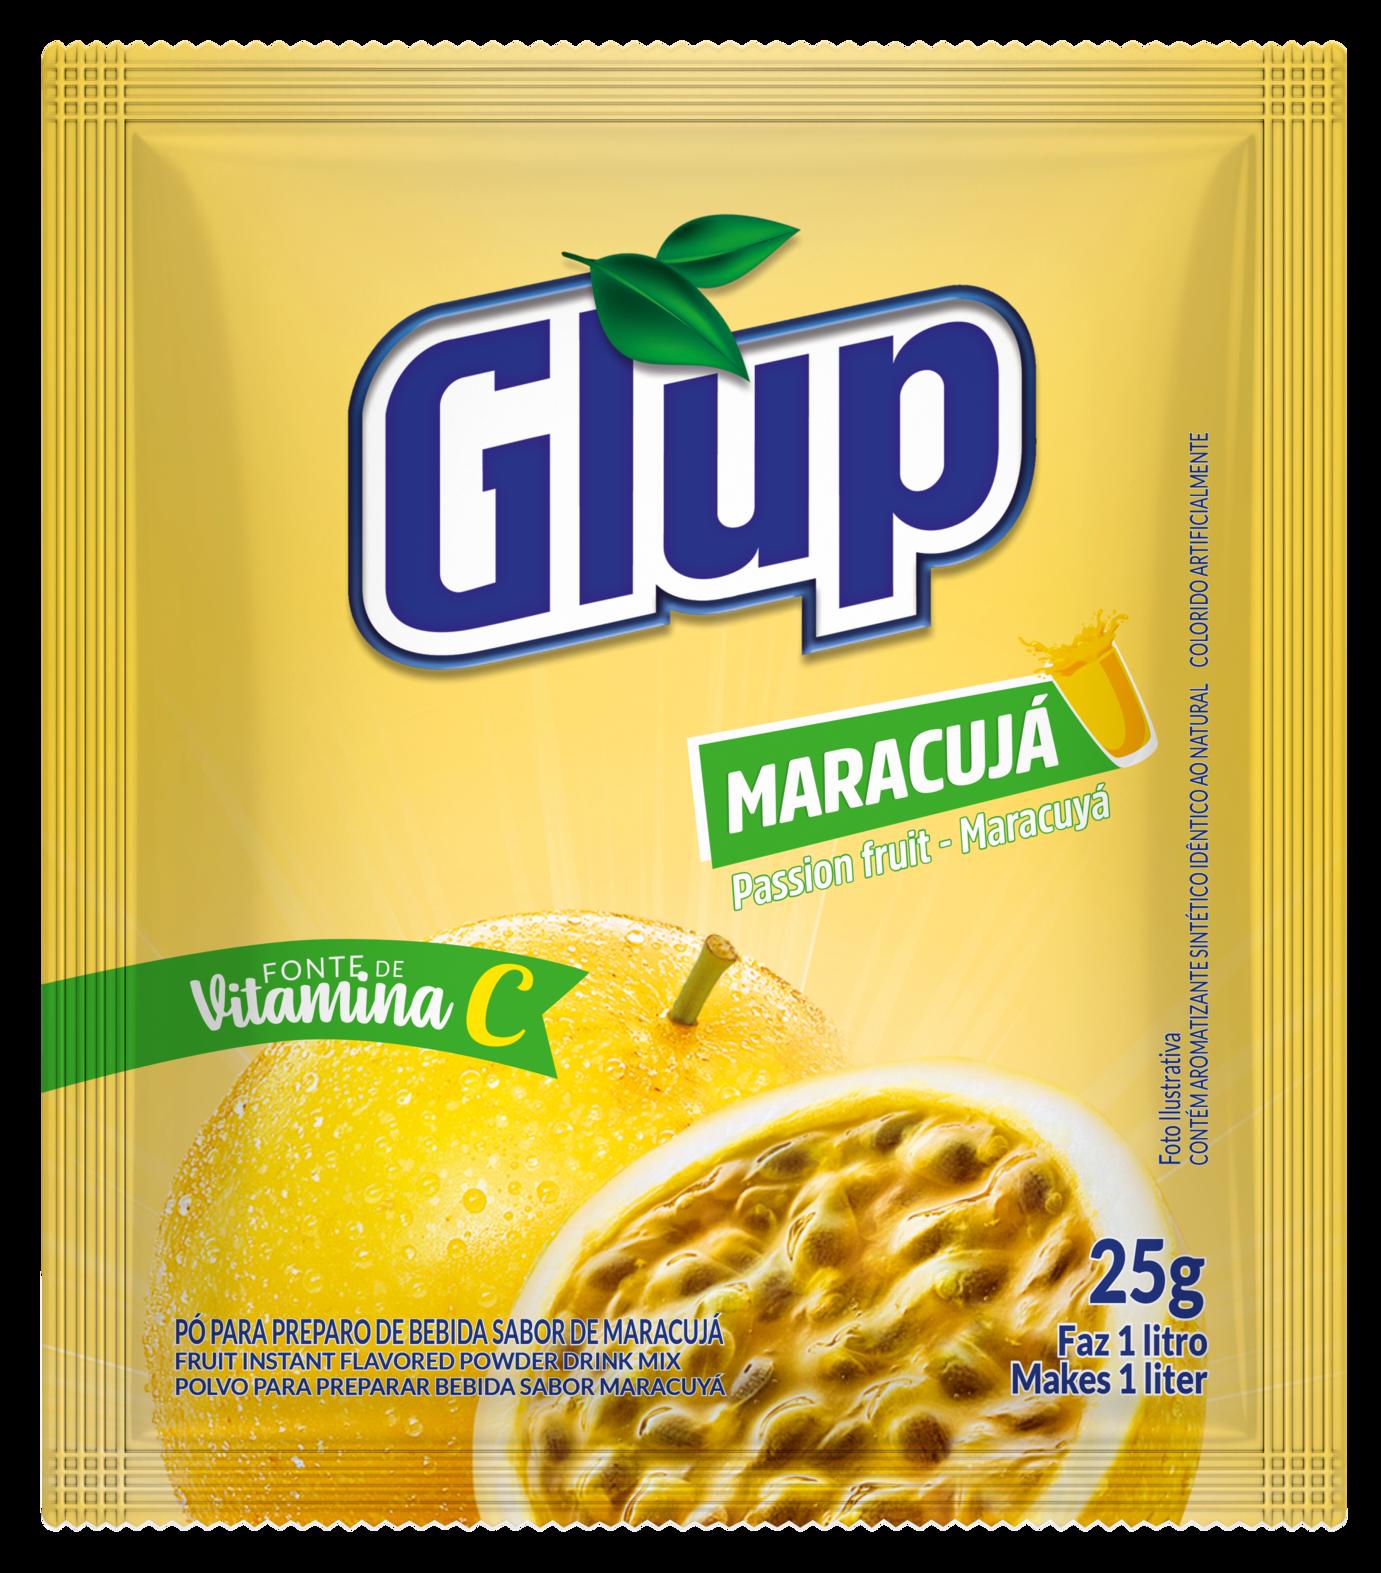 GLUP 25g – Maracujá